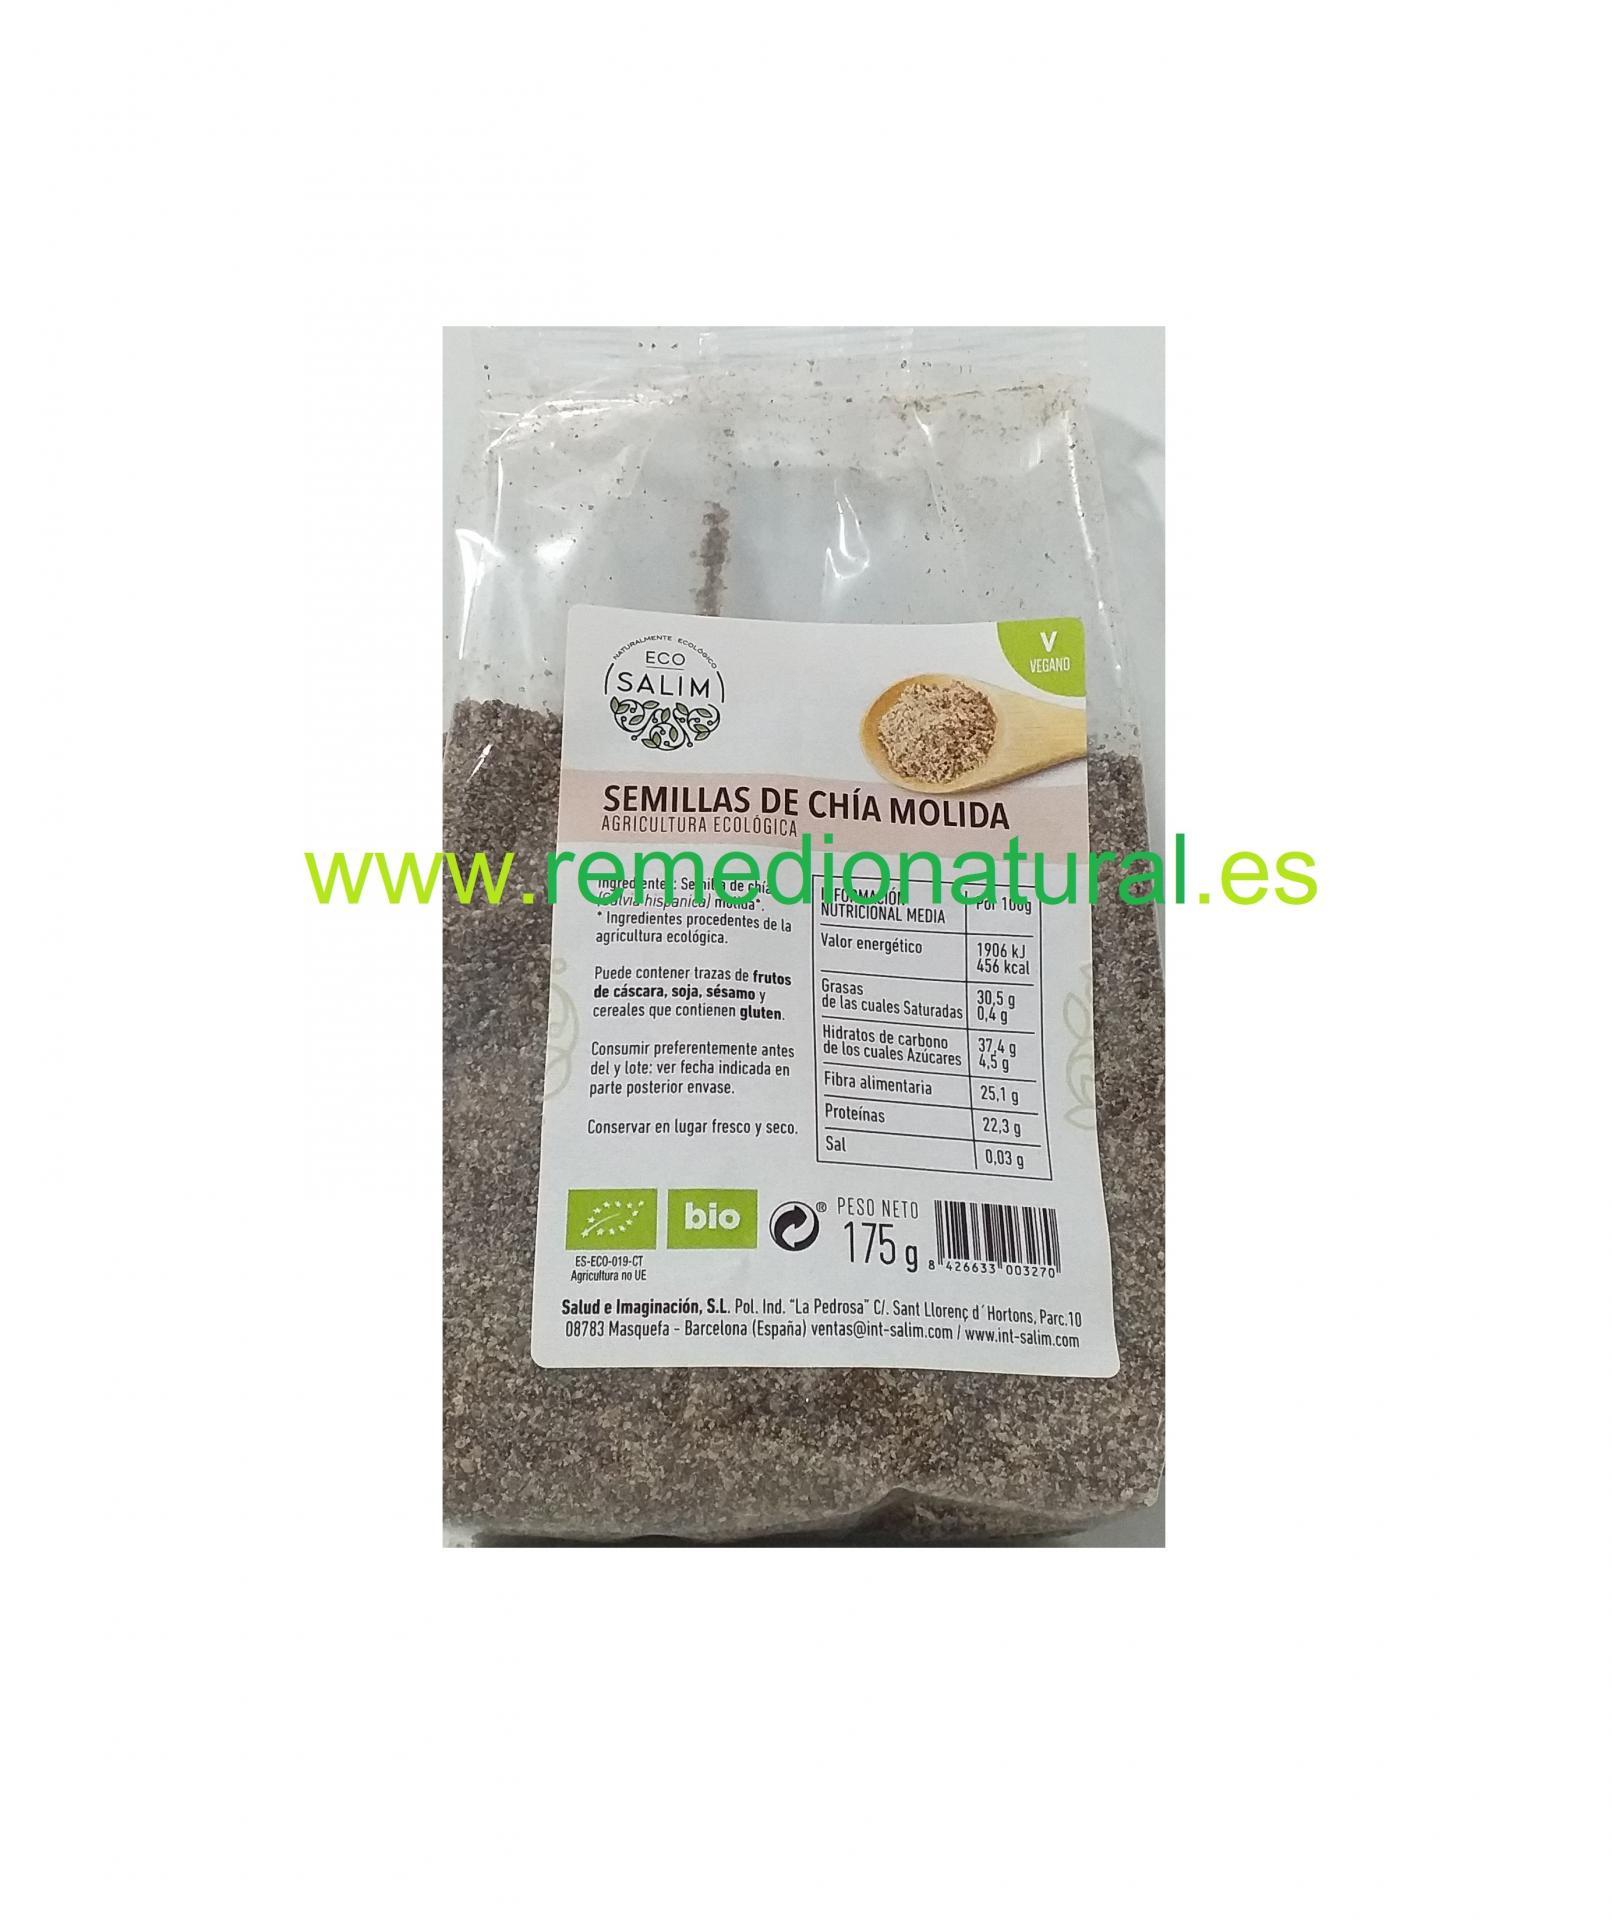 Semillas de Chía Molidas Eco 175g